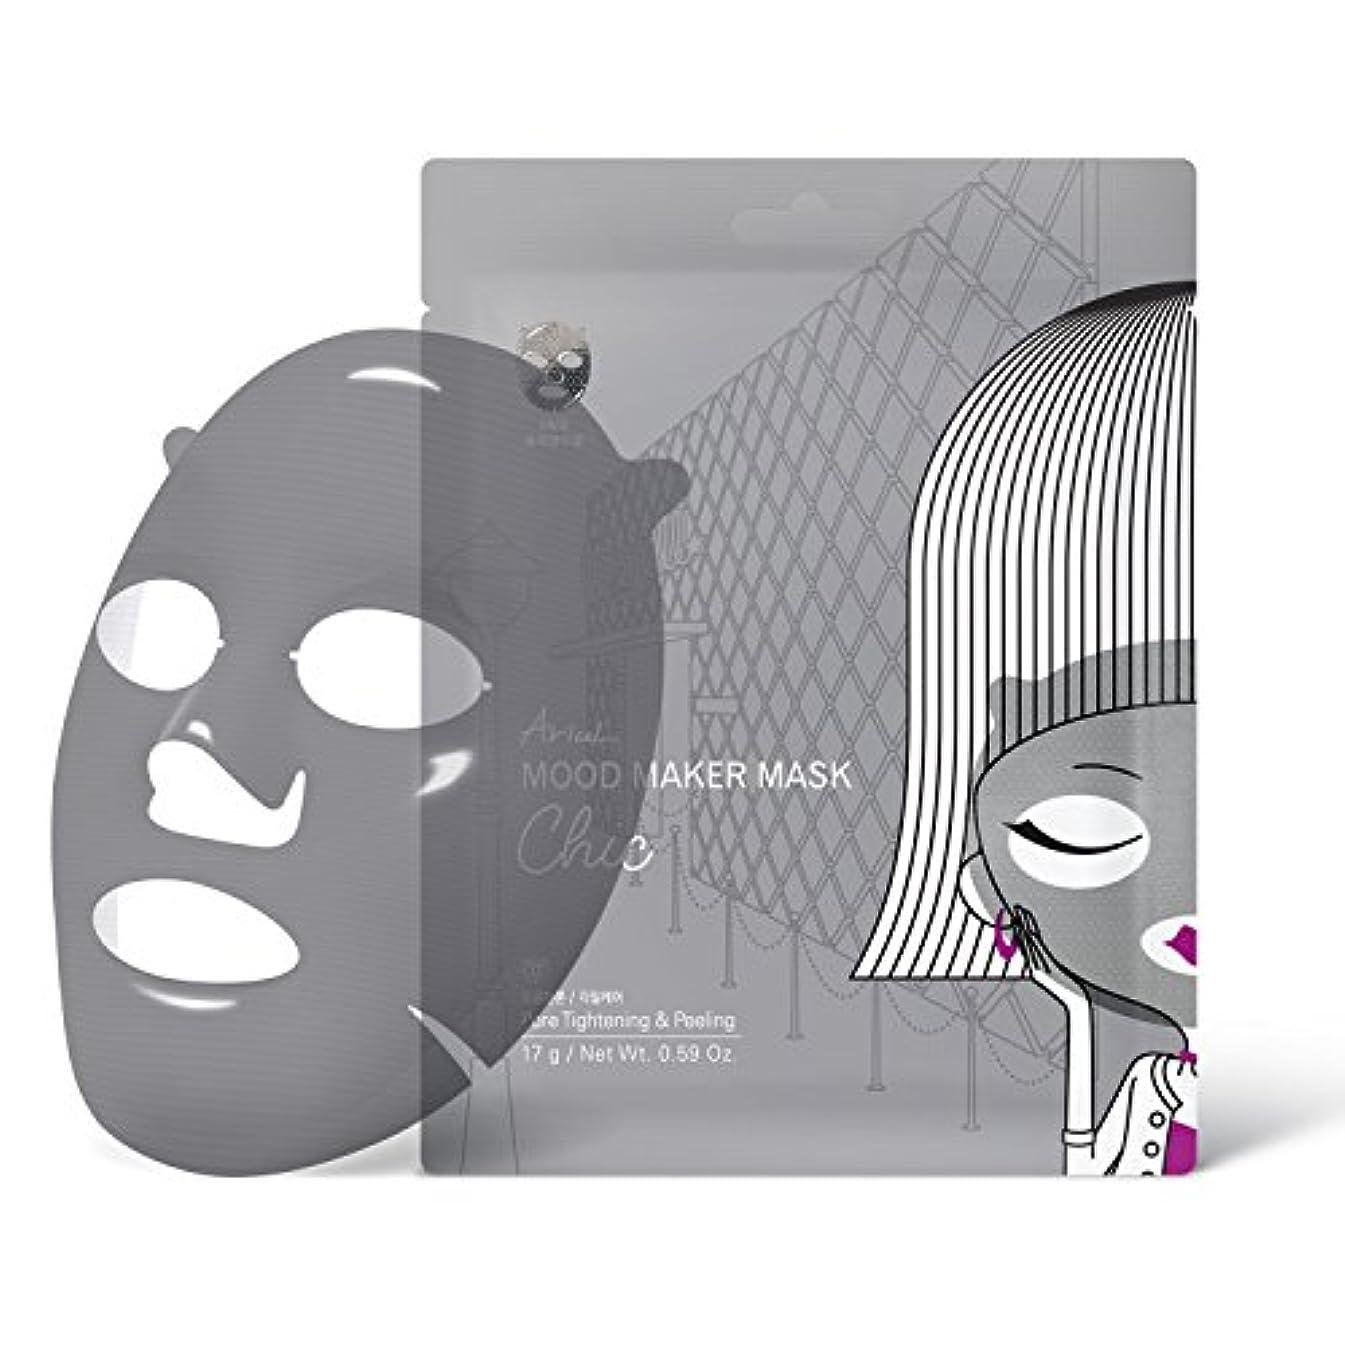 表面的な制限された歩行者アリウル ムードメーカーマスク シック 1枚入り